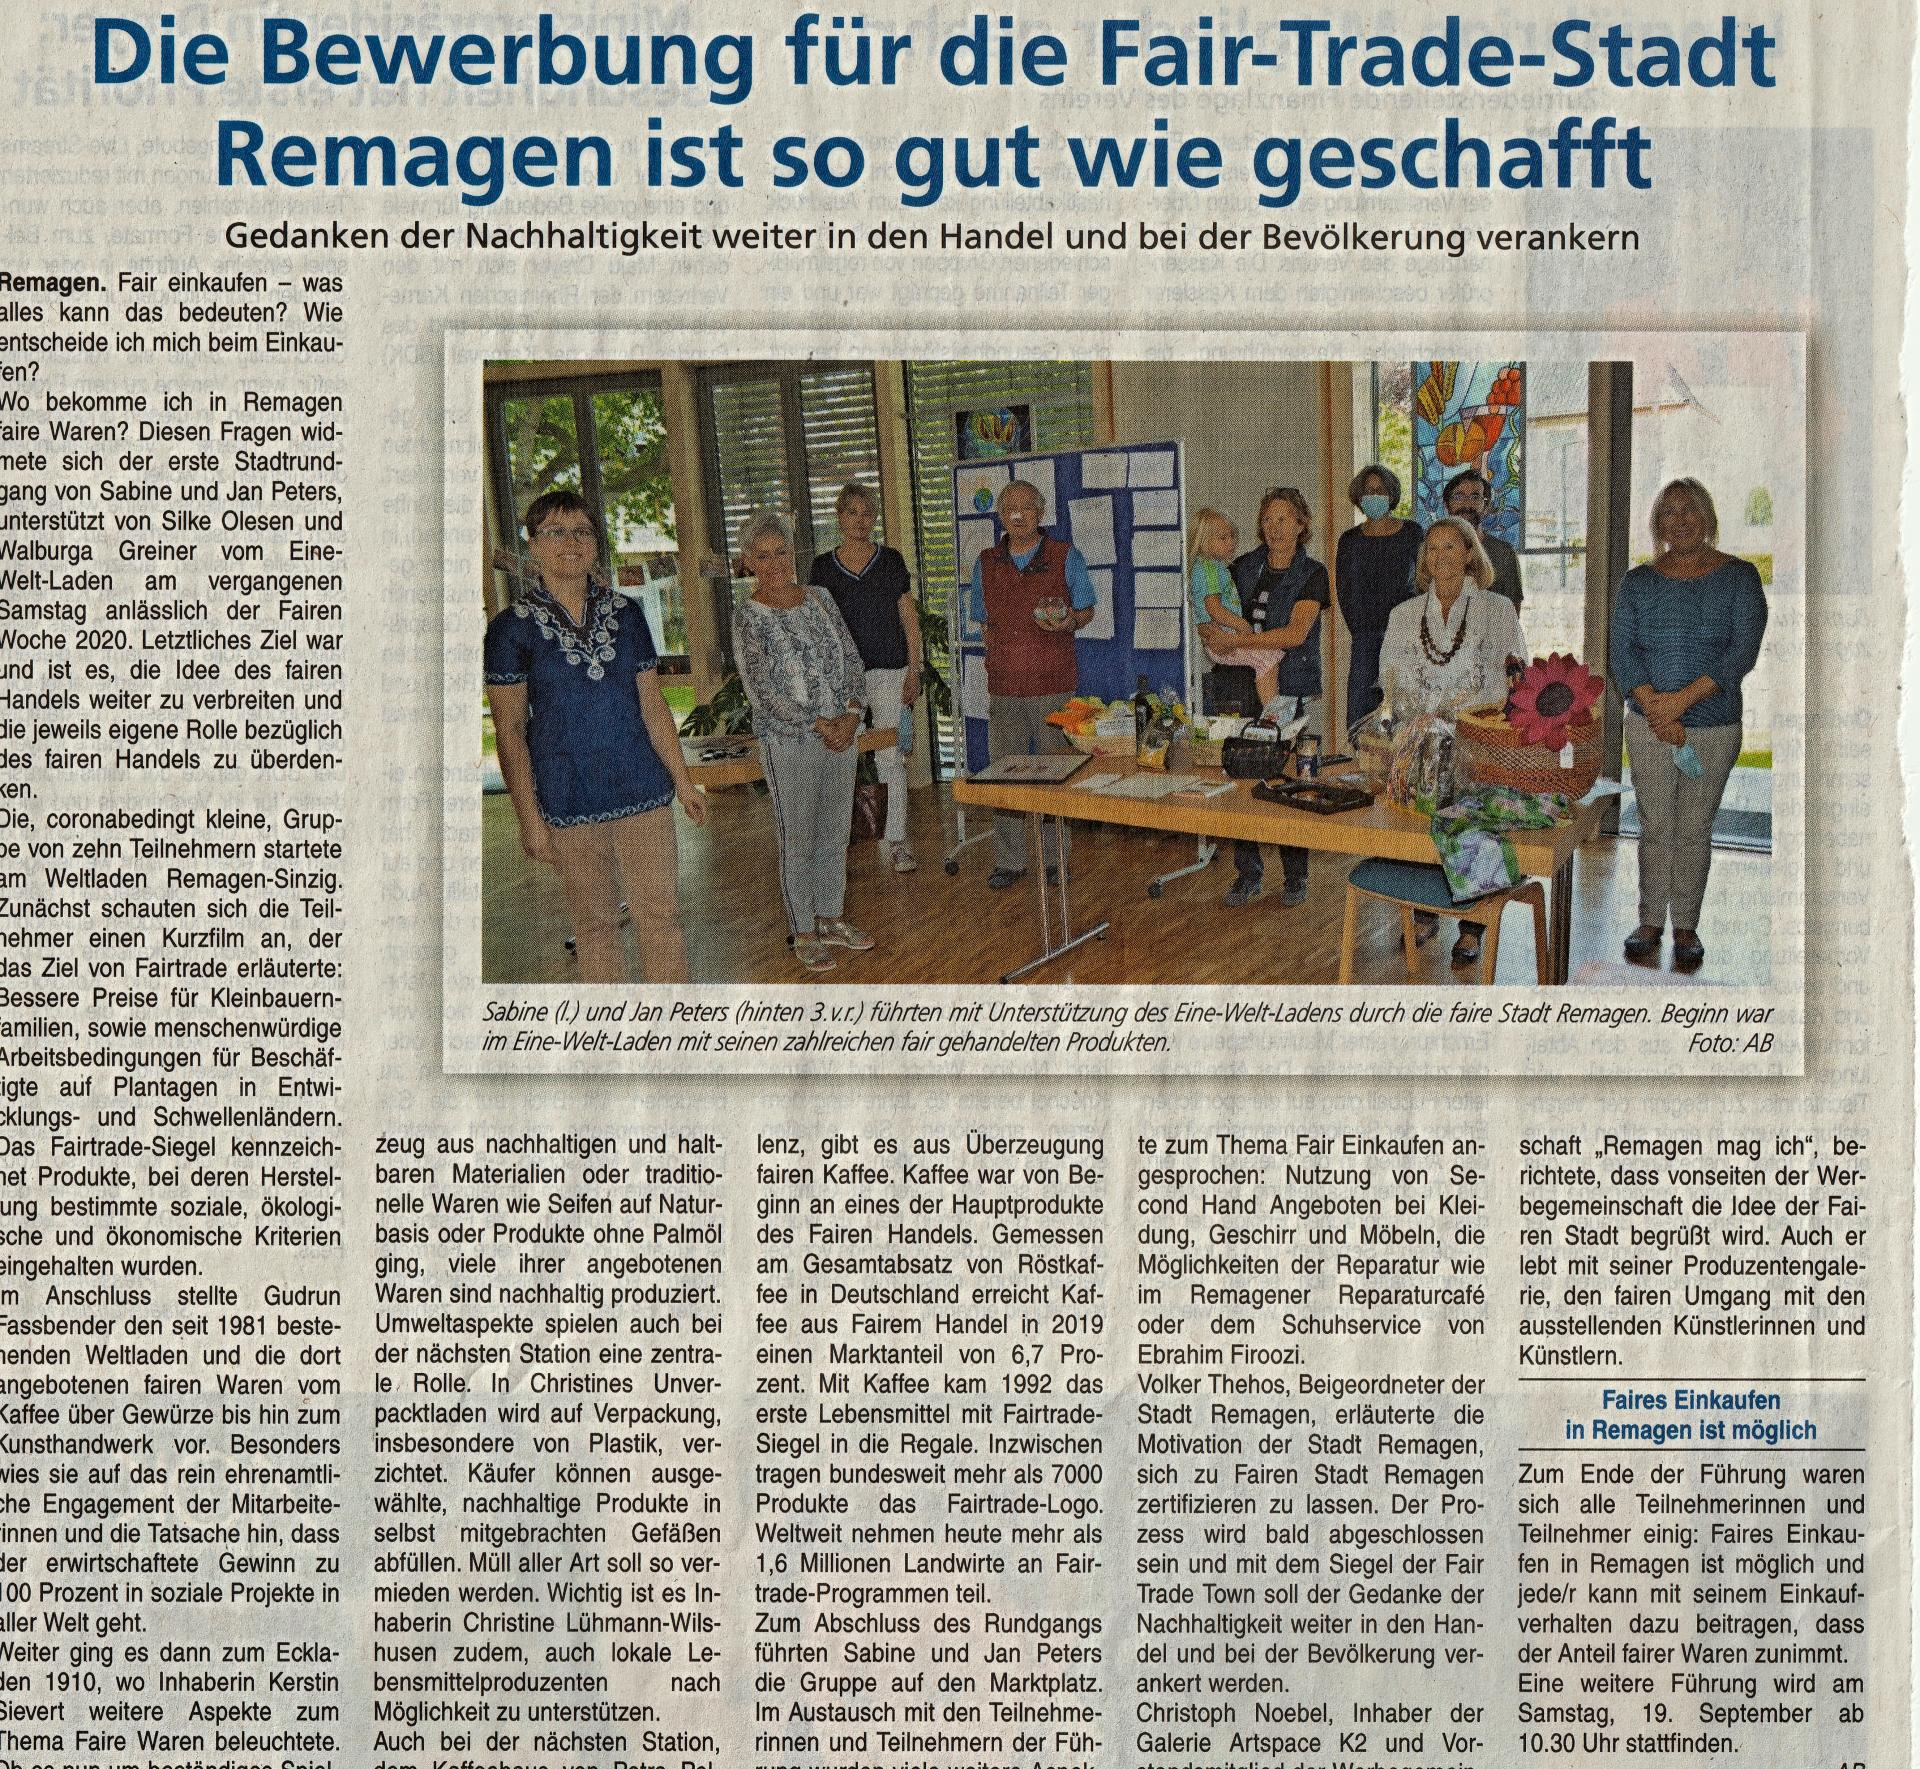 Fair-Trade-Stadt Remagen